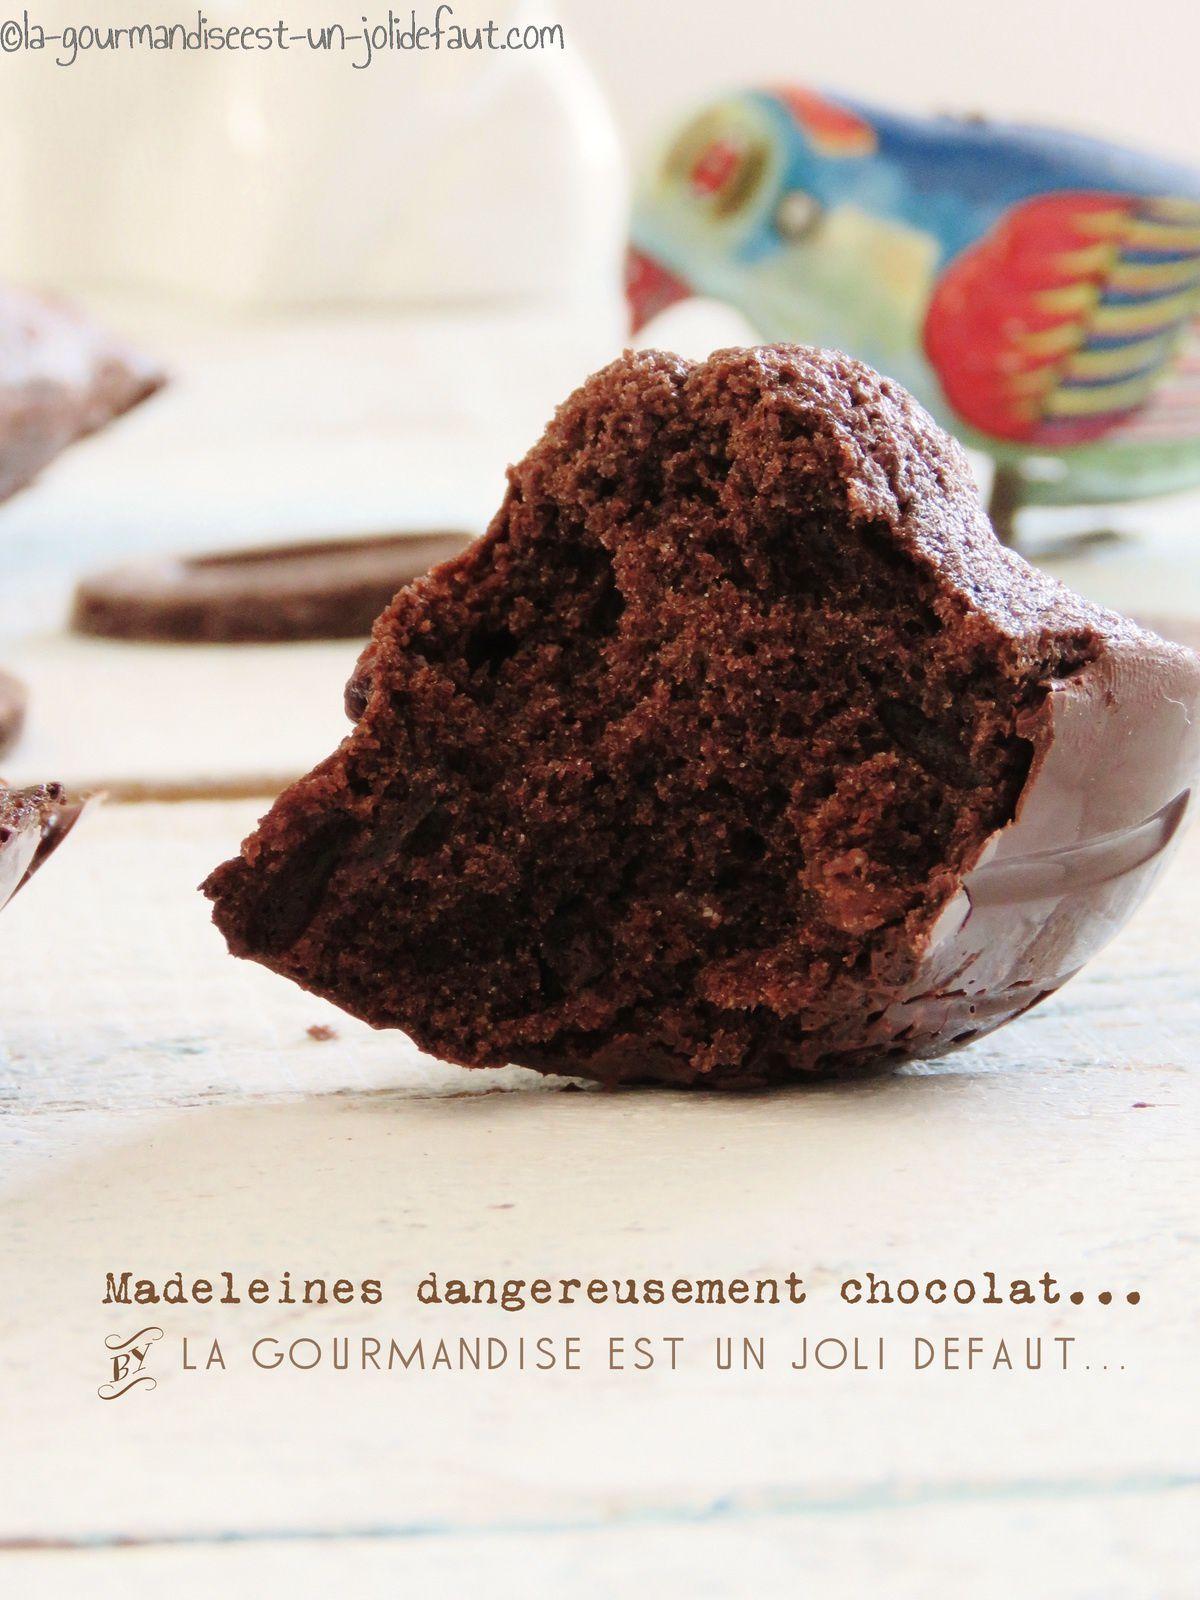 Madeleines dangereusement chocolat